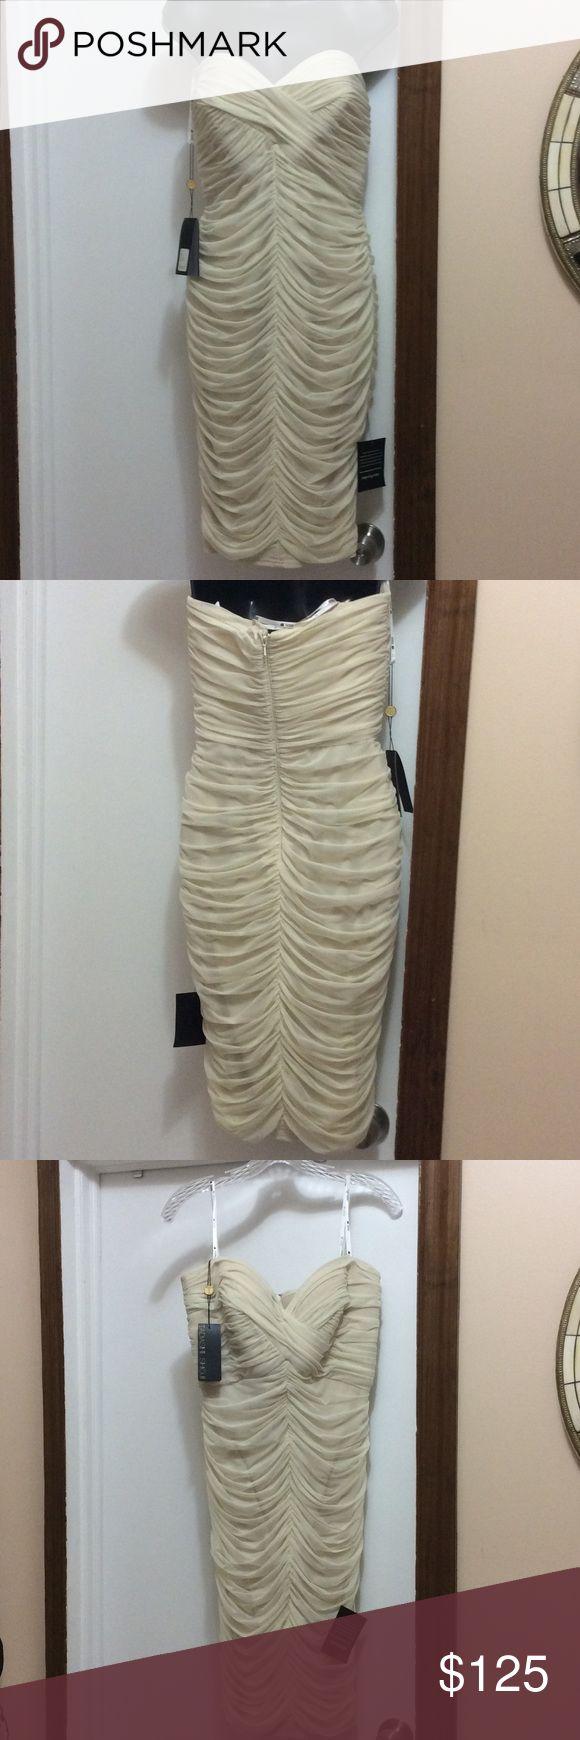 Tadashi Shoji cream strapless dress Gorgeous cream strapless dress with rushing from the bodice to the hem. NWT never worn. Tadashi Shoji Dresses Strapless